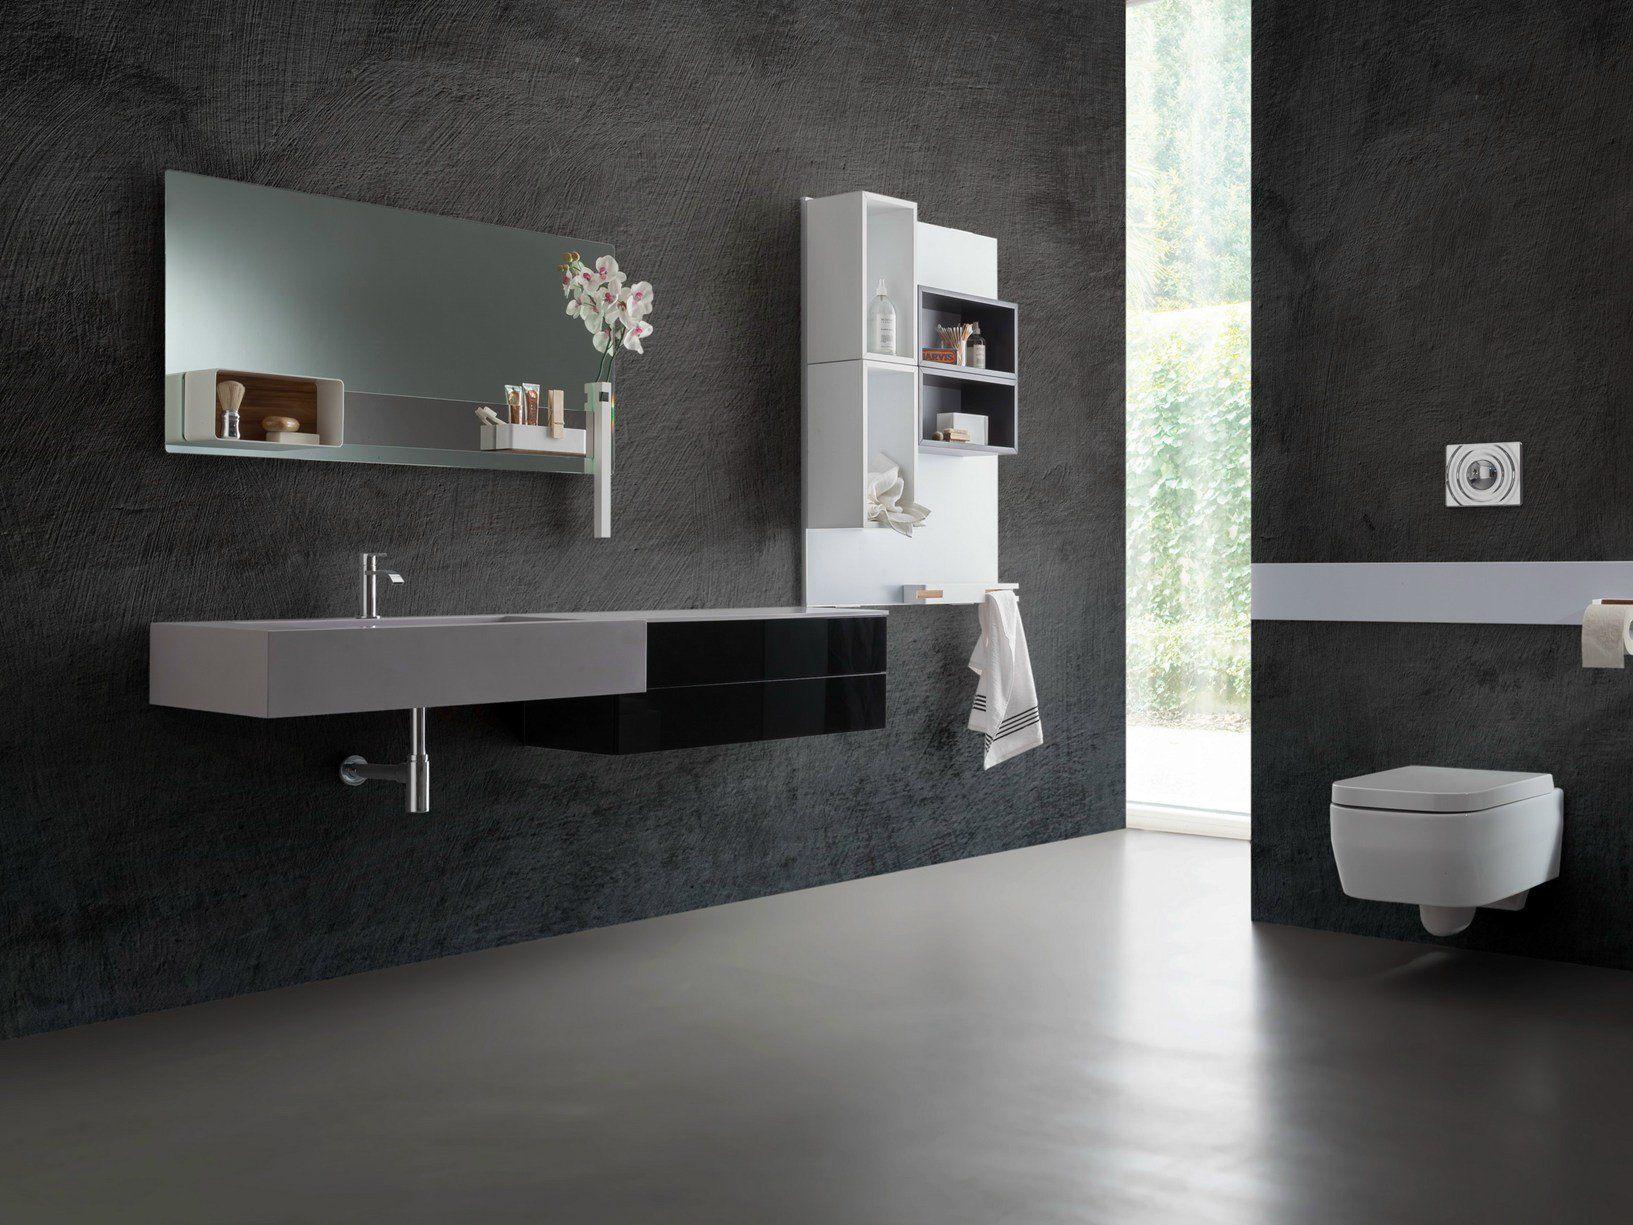 La linea di accessori per il bagno firmata ronda design for Accessori per bagno